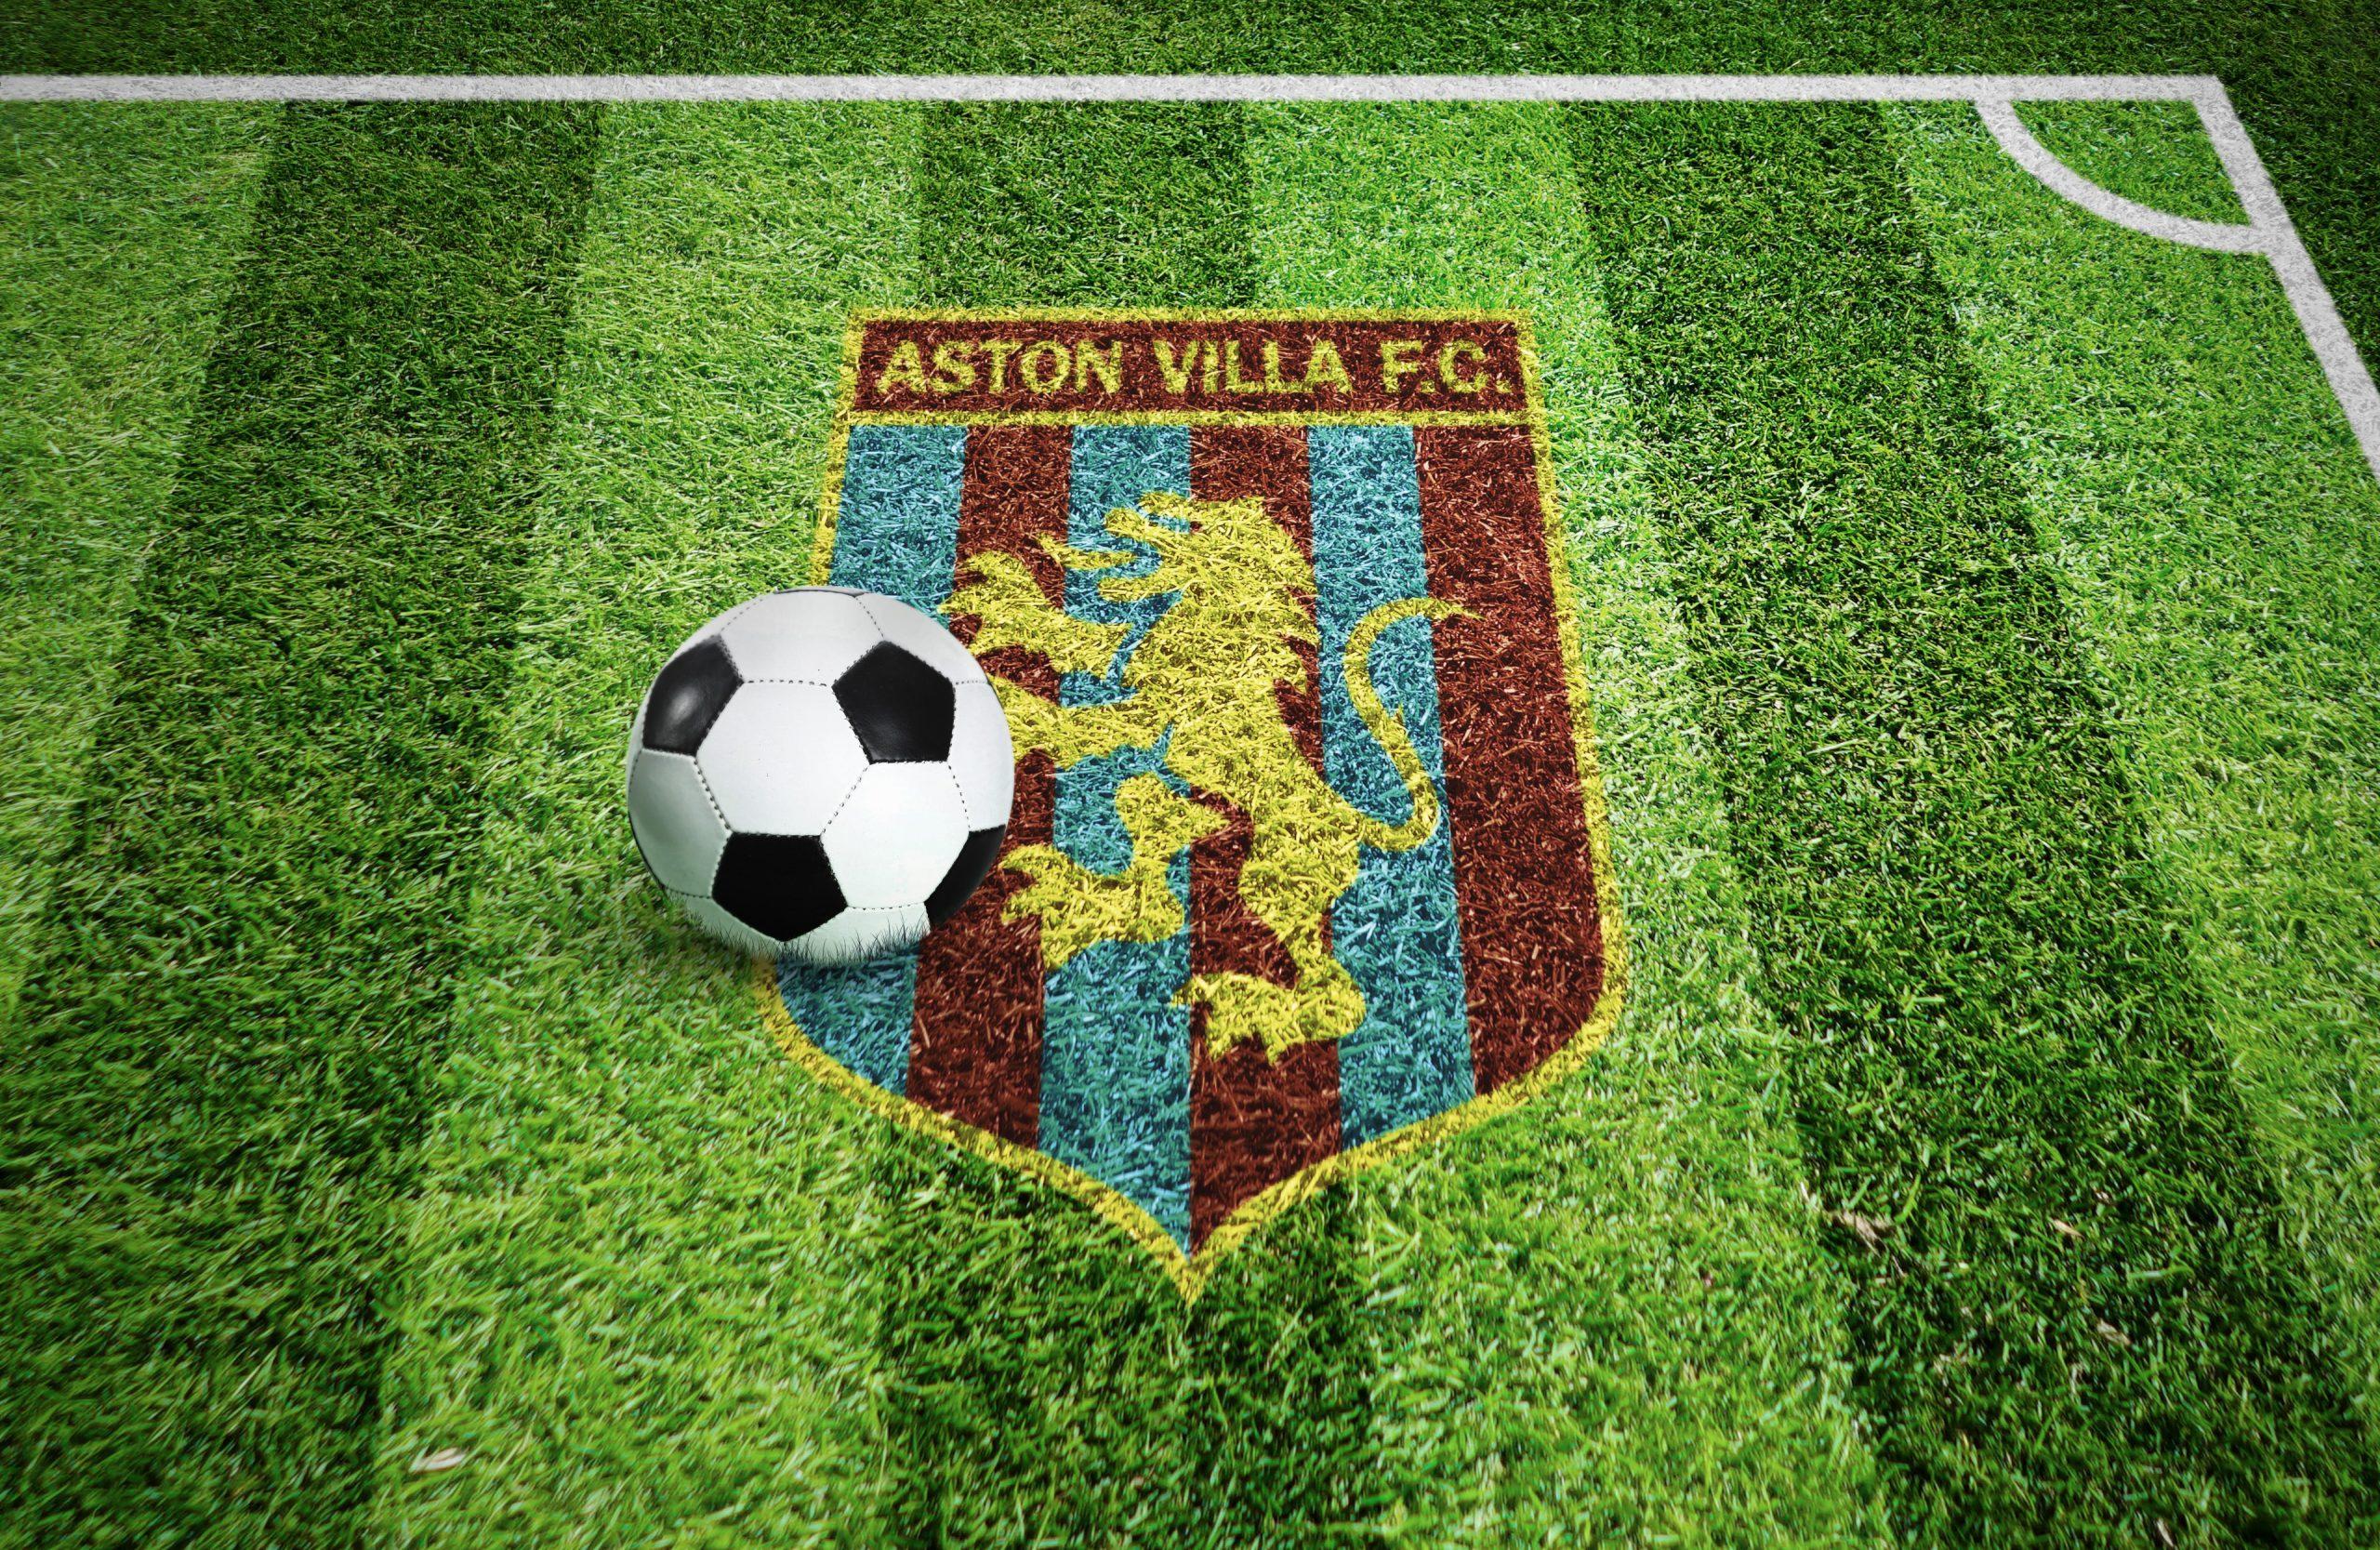 Aston Villa Stadium Grass Ground Logo Mockup